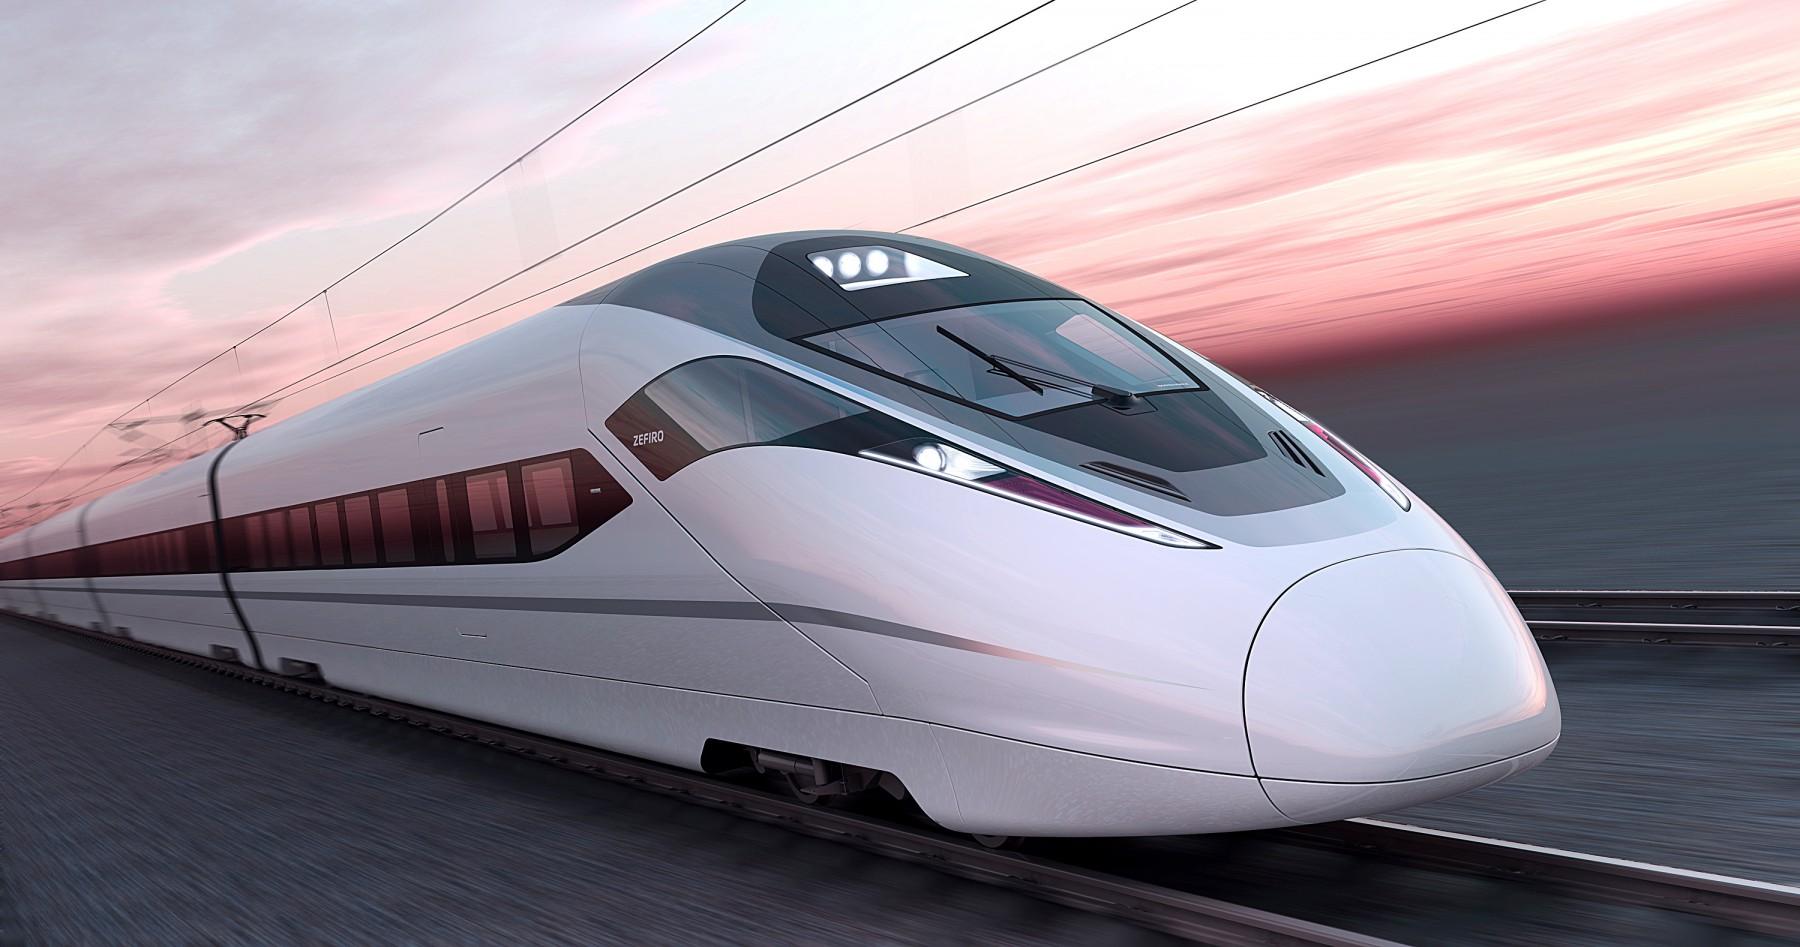 Сучасні потяги: дорожня романтика і комфорт в одній особі!